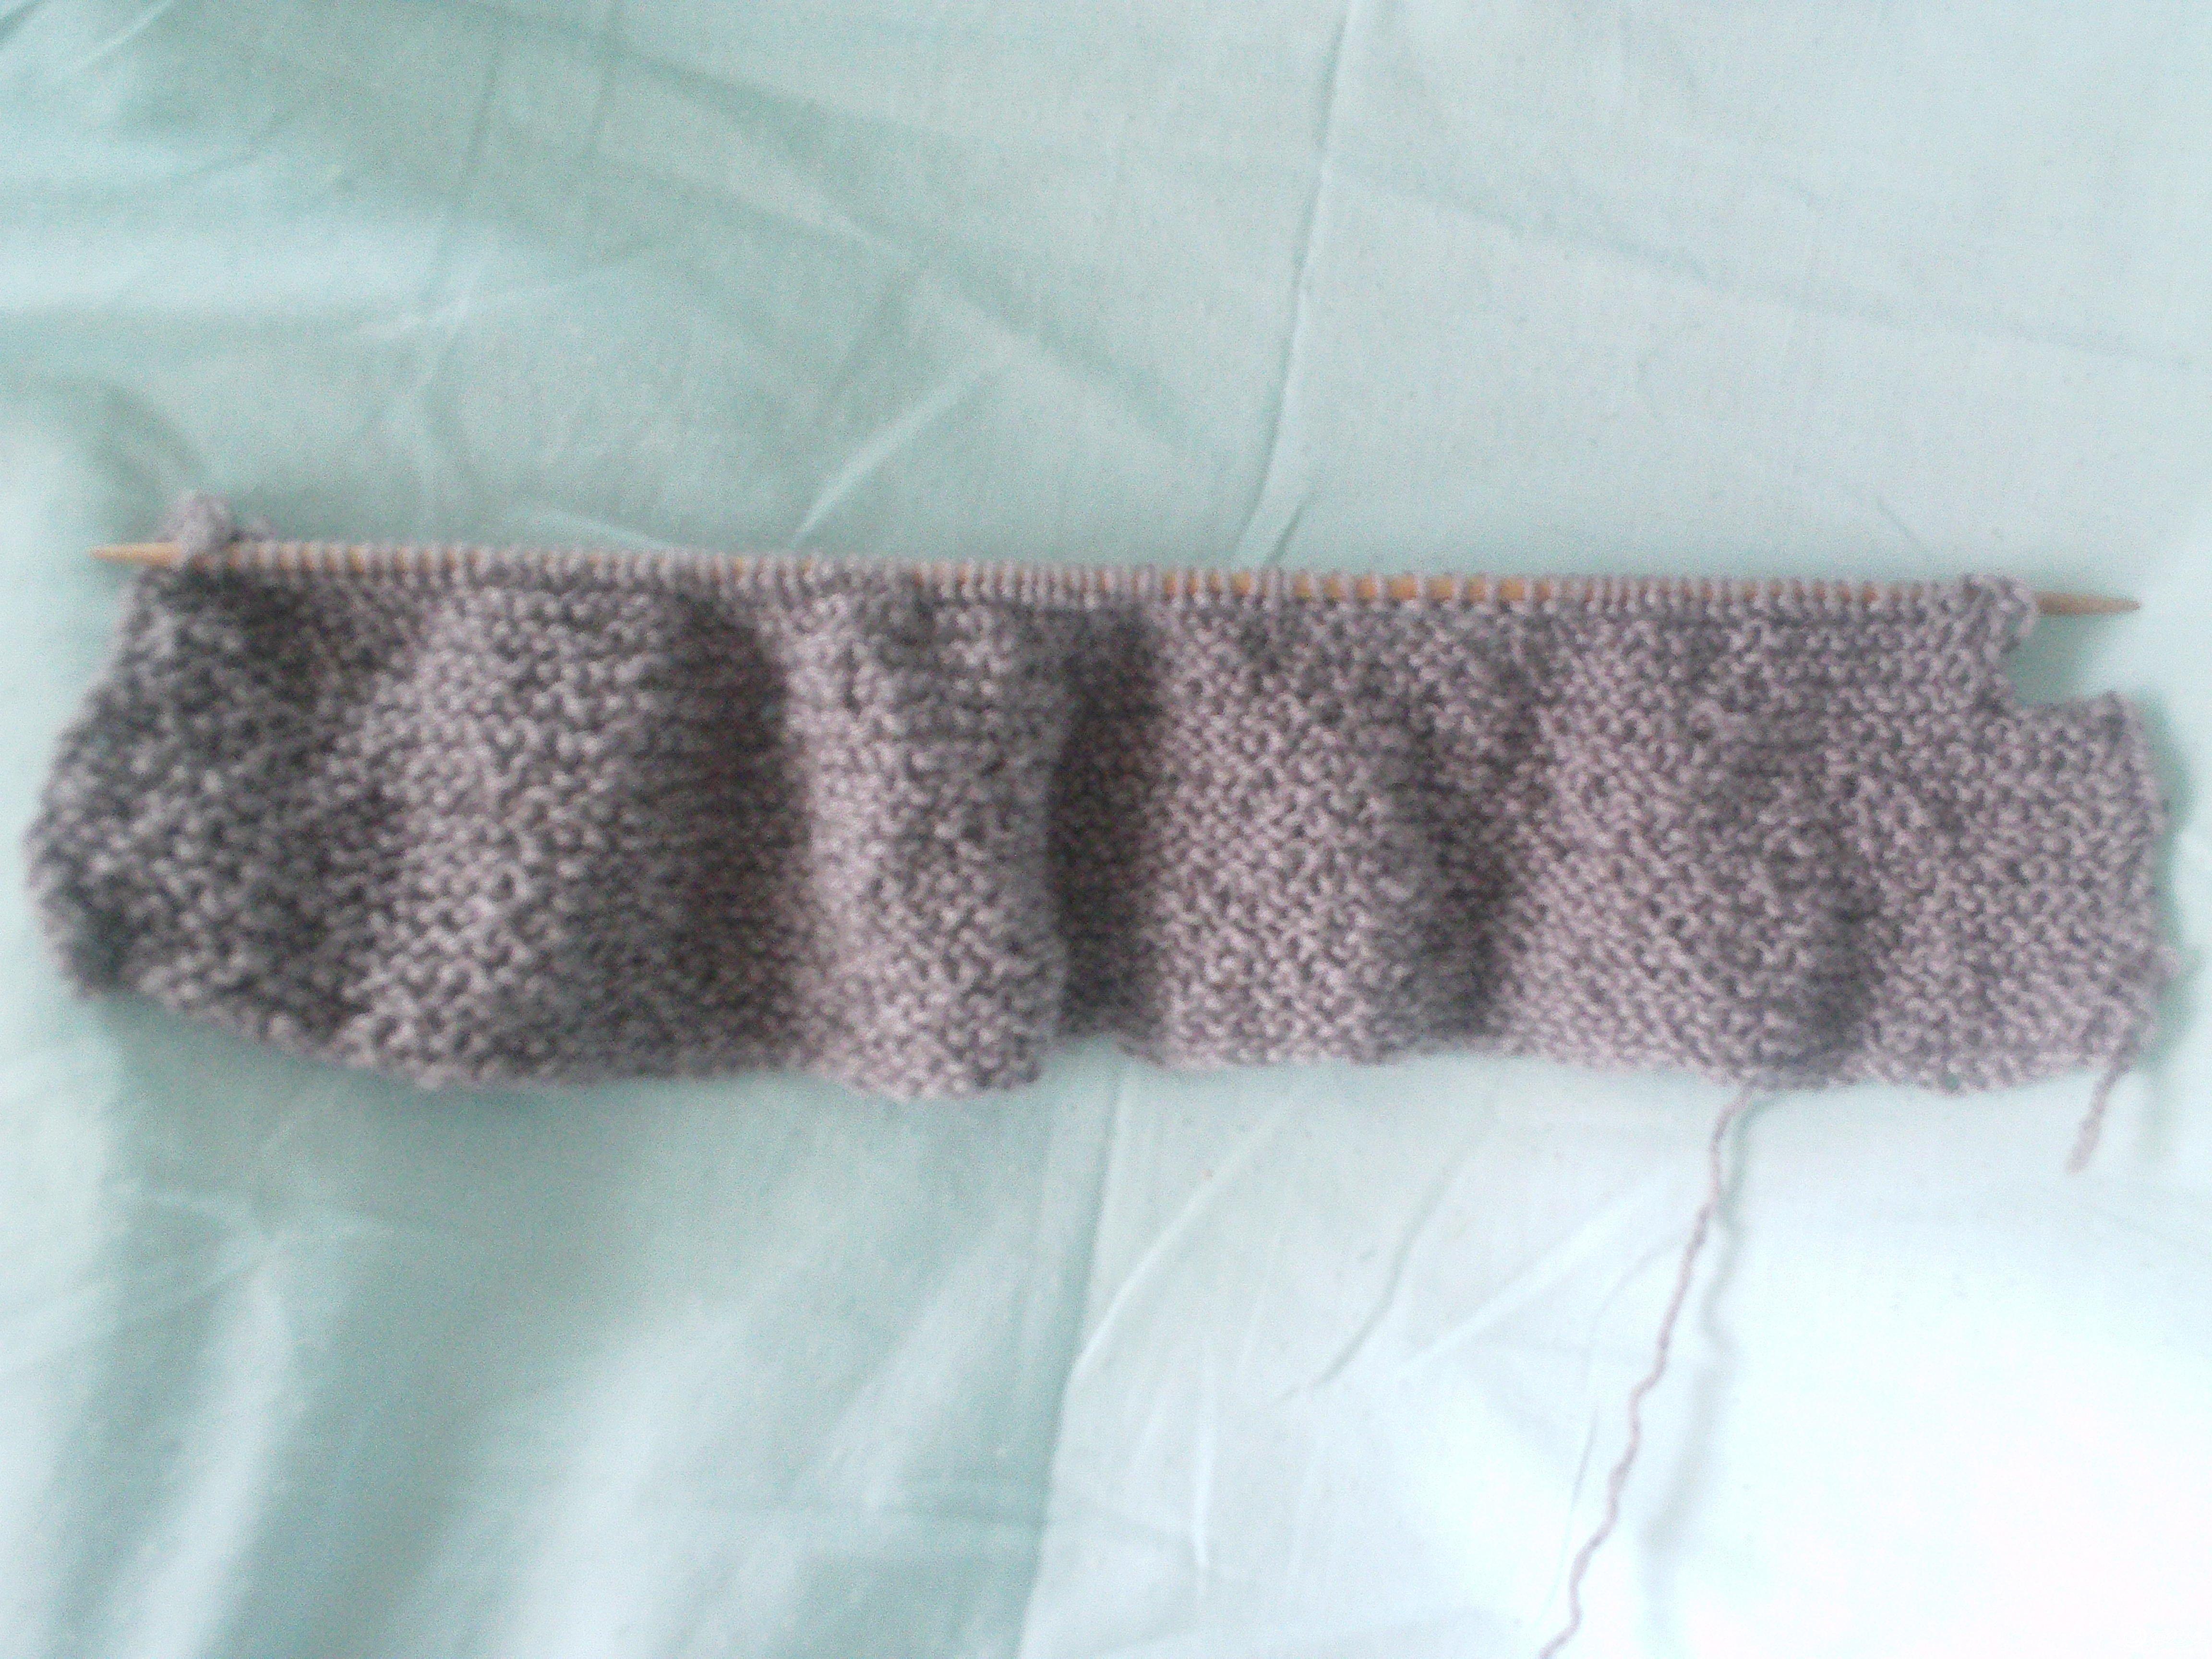 搓板针编织,长度十个脚长,宽度是:脚心到脚面,缺口是脚尖部分。